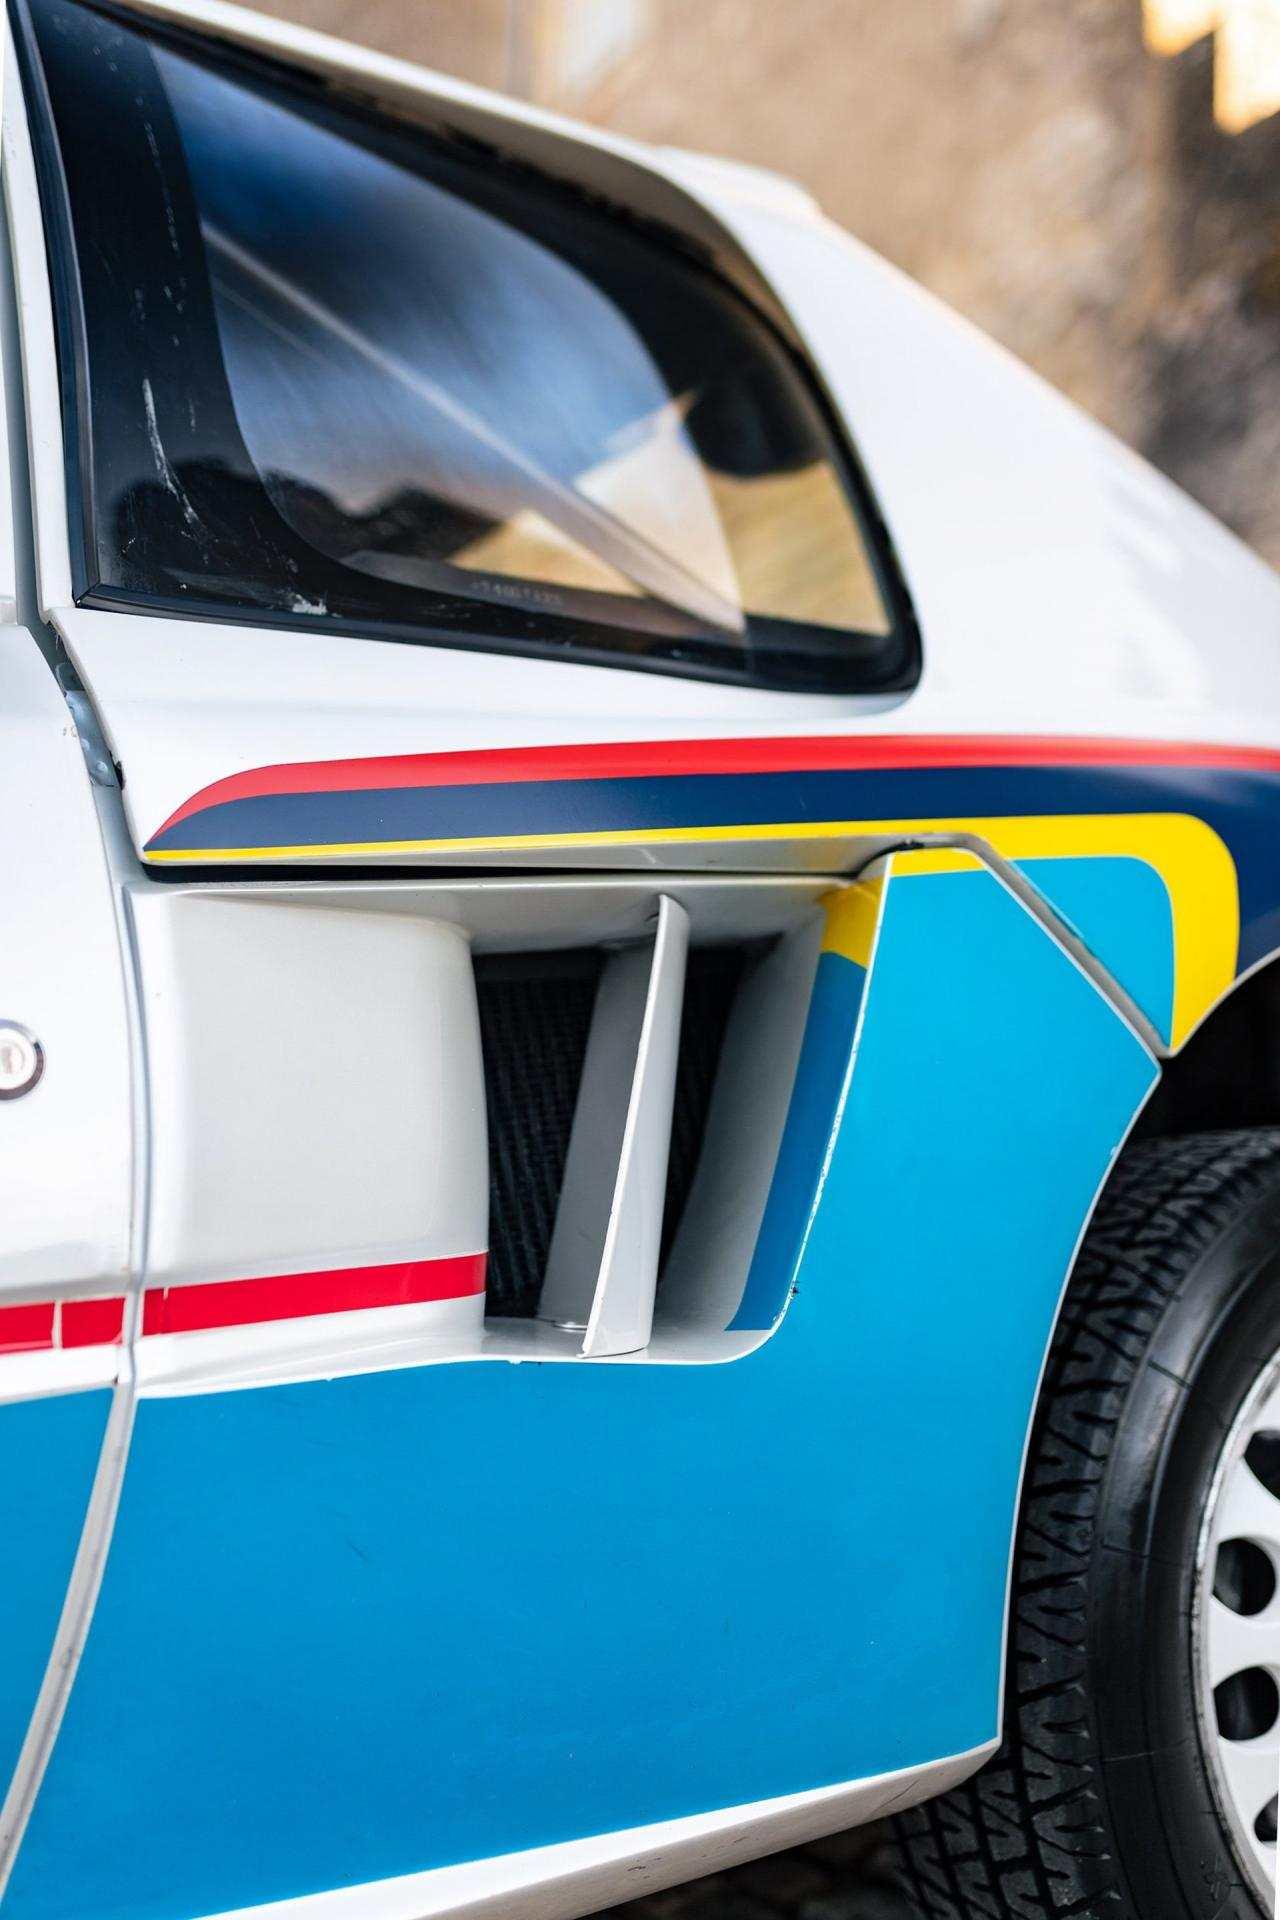 1985_Peugeot_205_T16_sale-0004